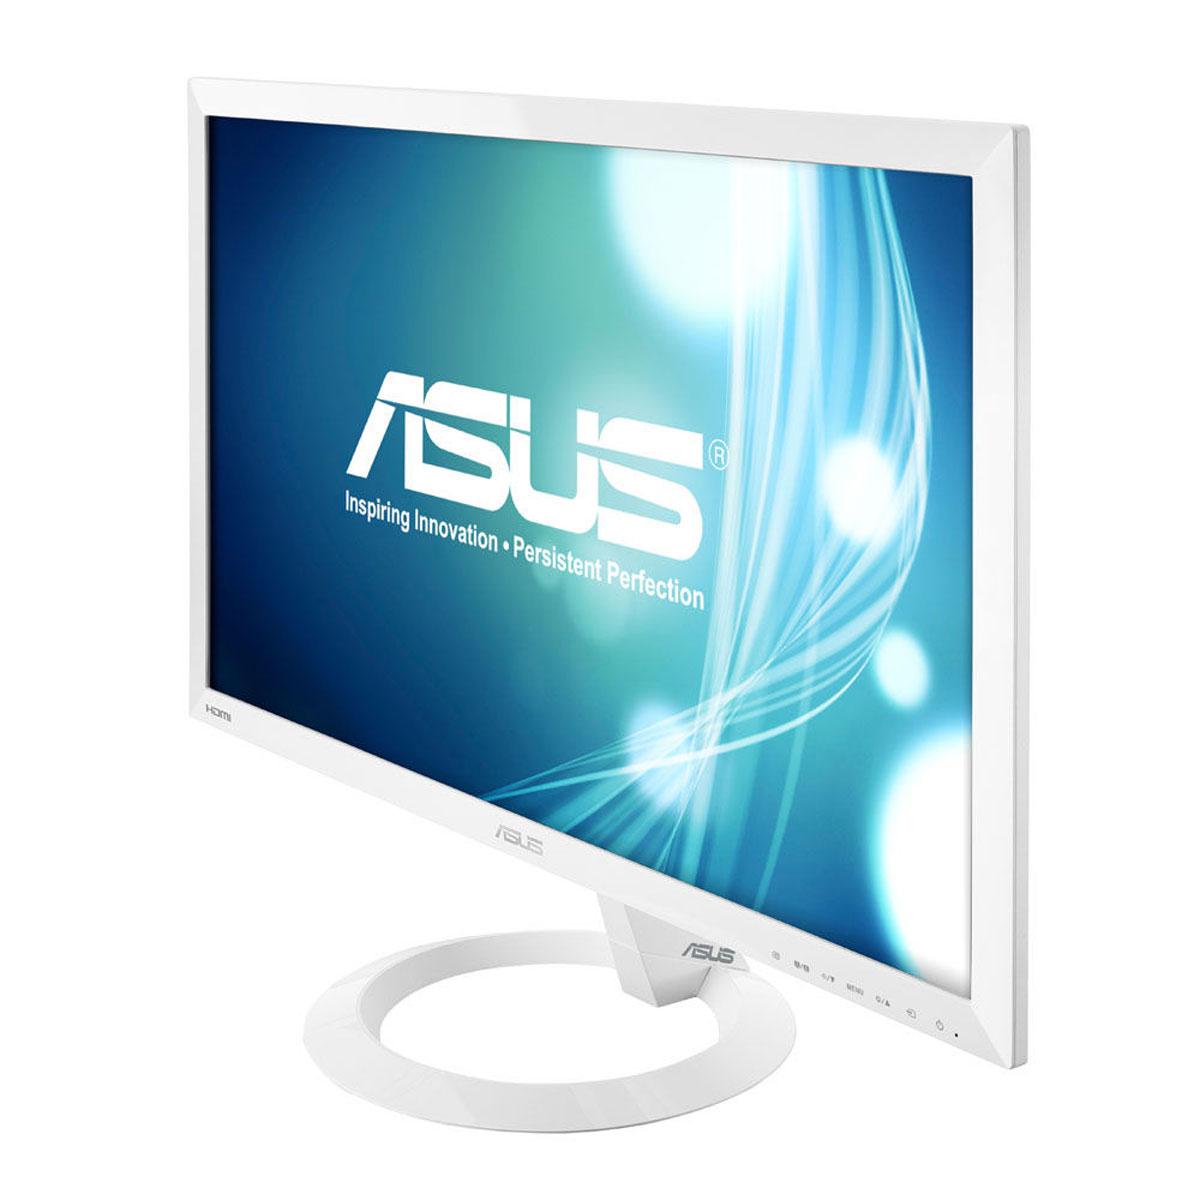 Asus 23 led vx238h w blanc ecran pc asus sur ldlc for Ecran pc blanc 24 pouces